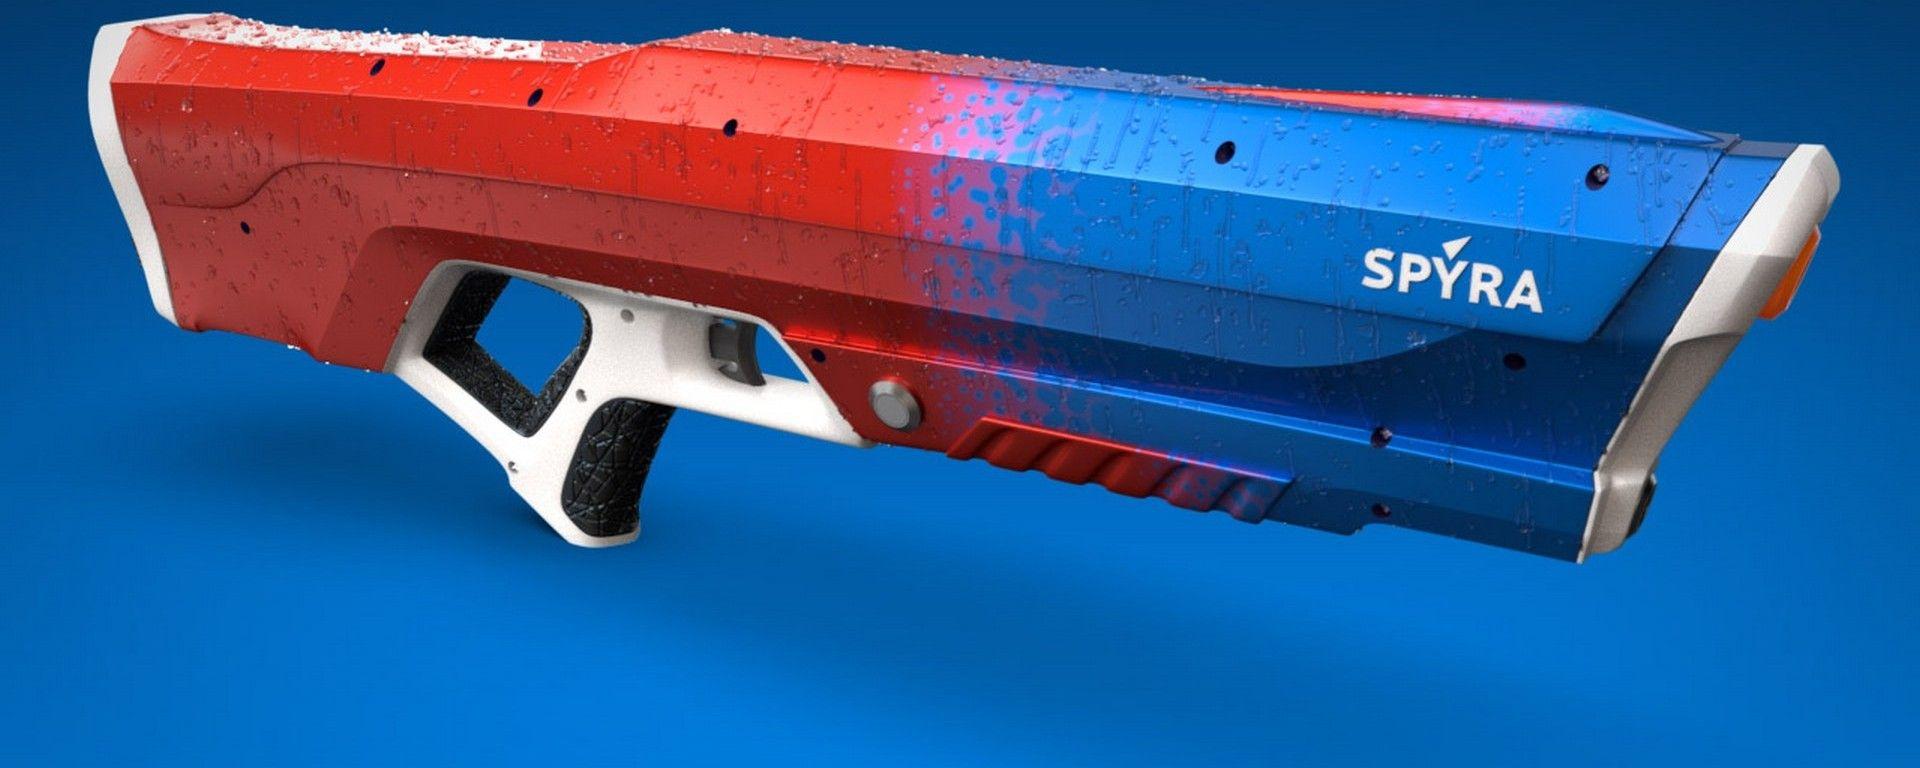 Spyra One: il fucile ad acqua elettronico